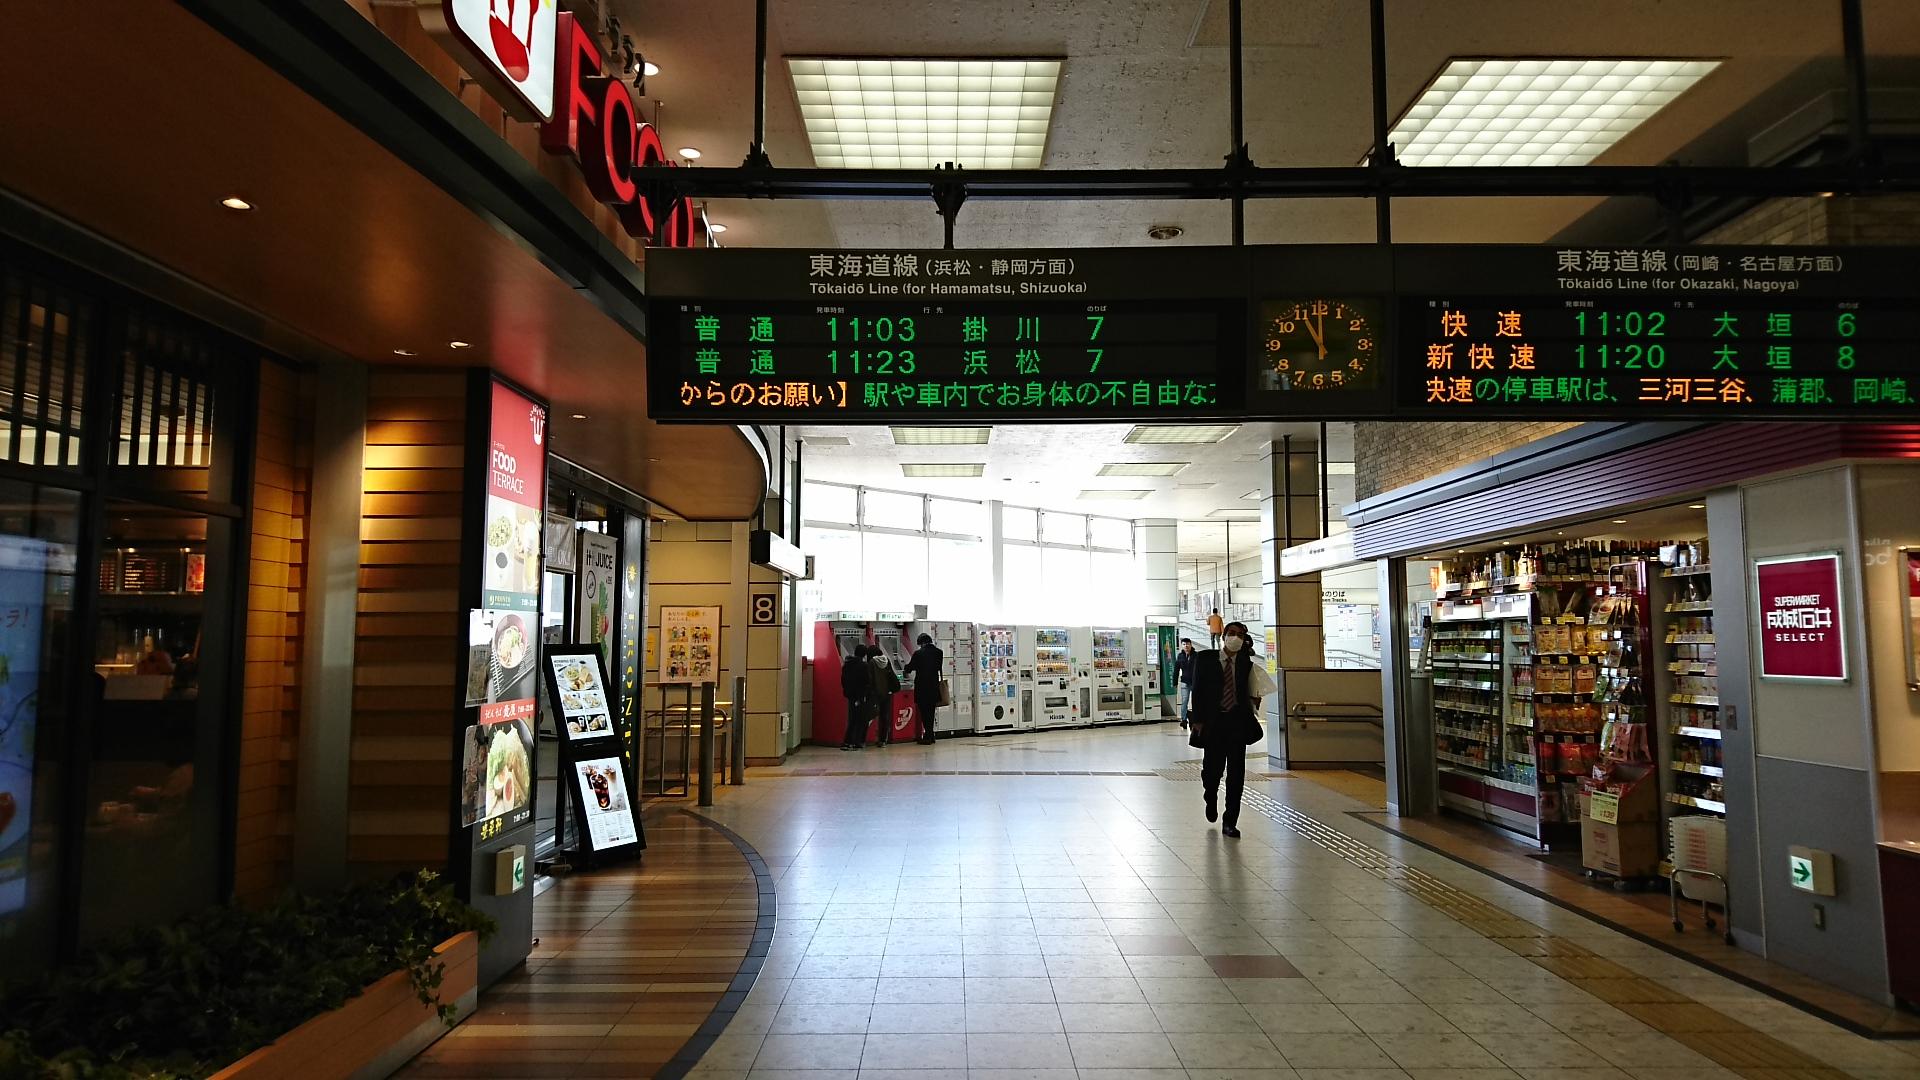 2018.3.23 東海道線 (30) 豊橋 - 2階コンコース 1920-1080